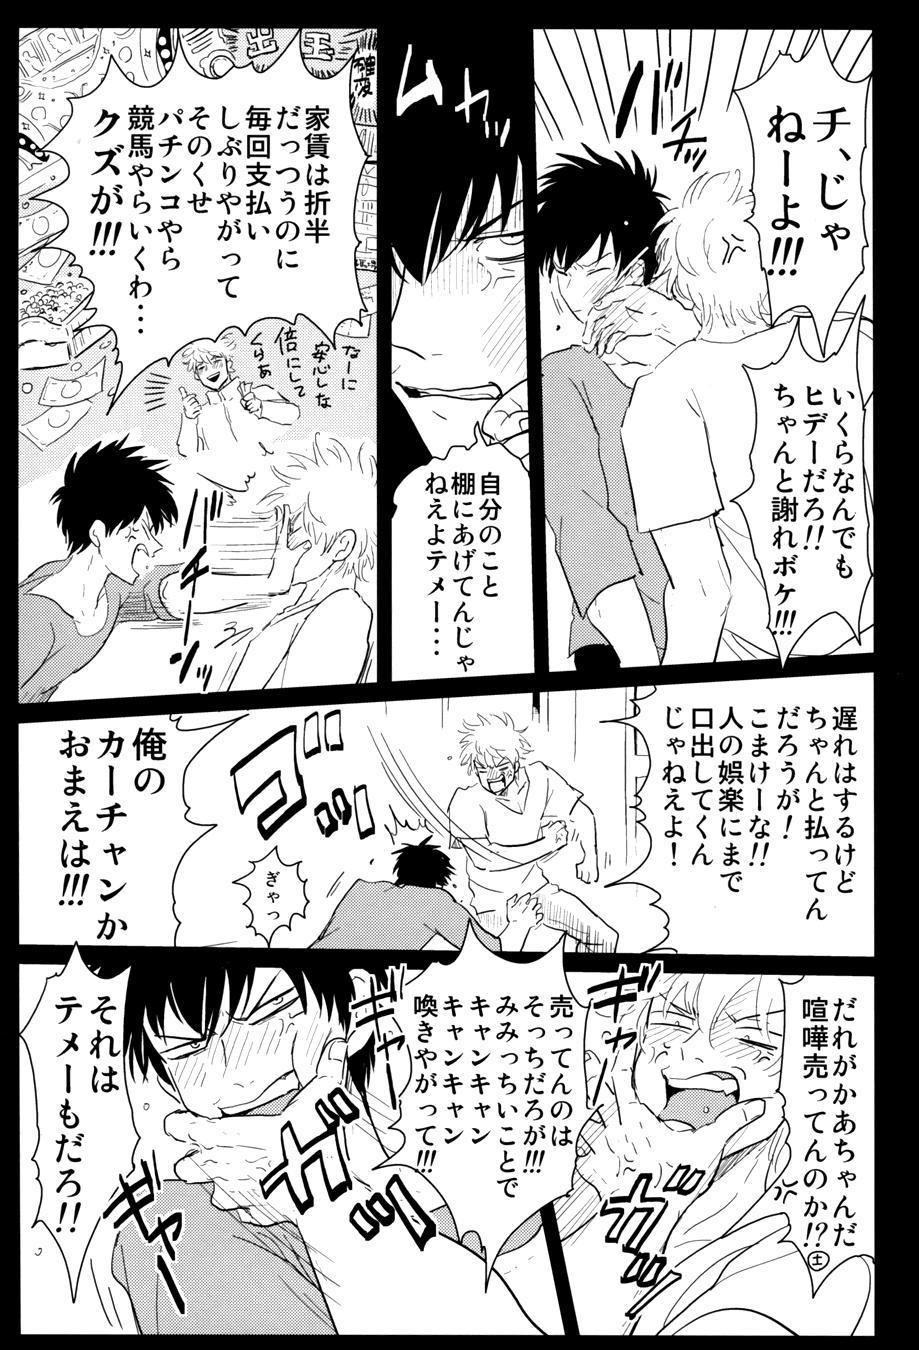 Kurasu 18